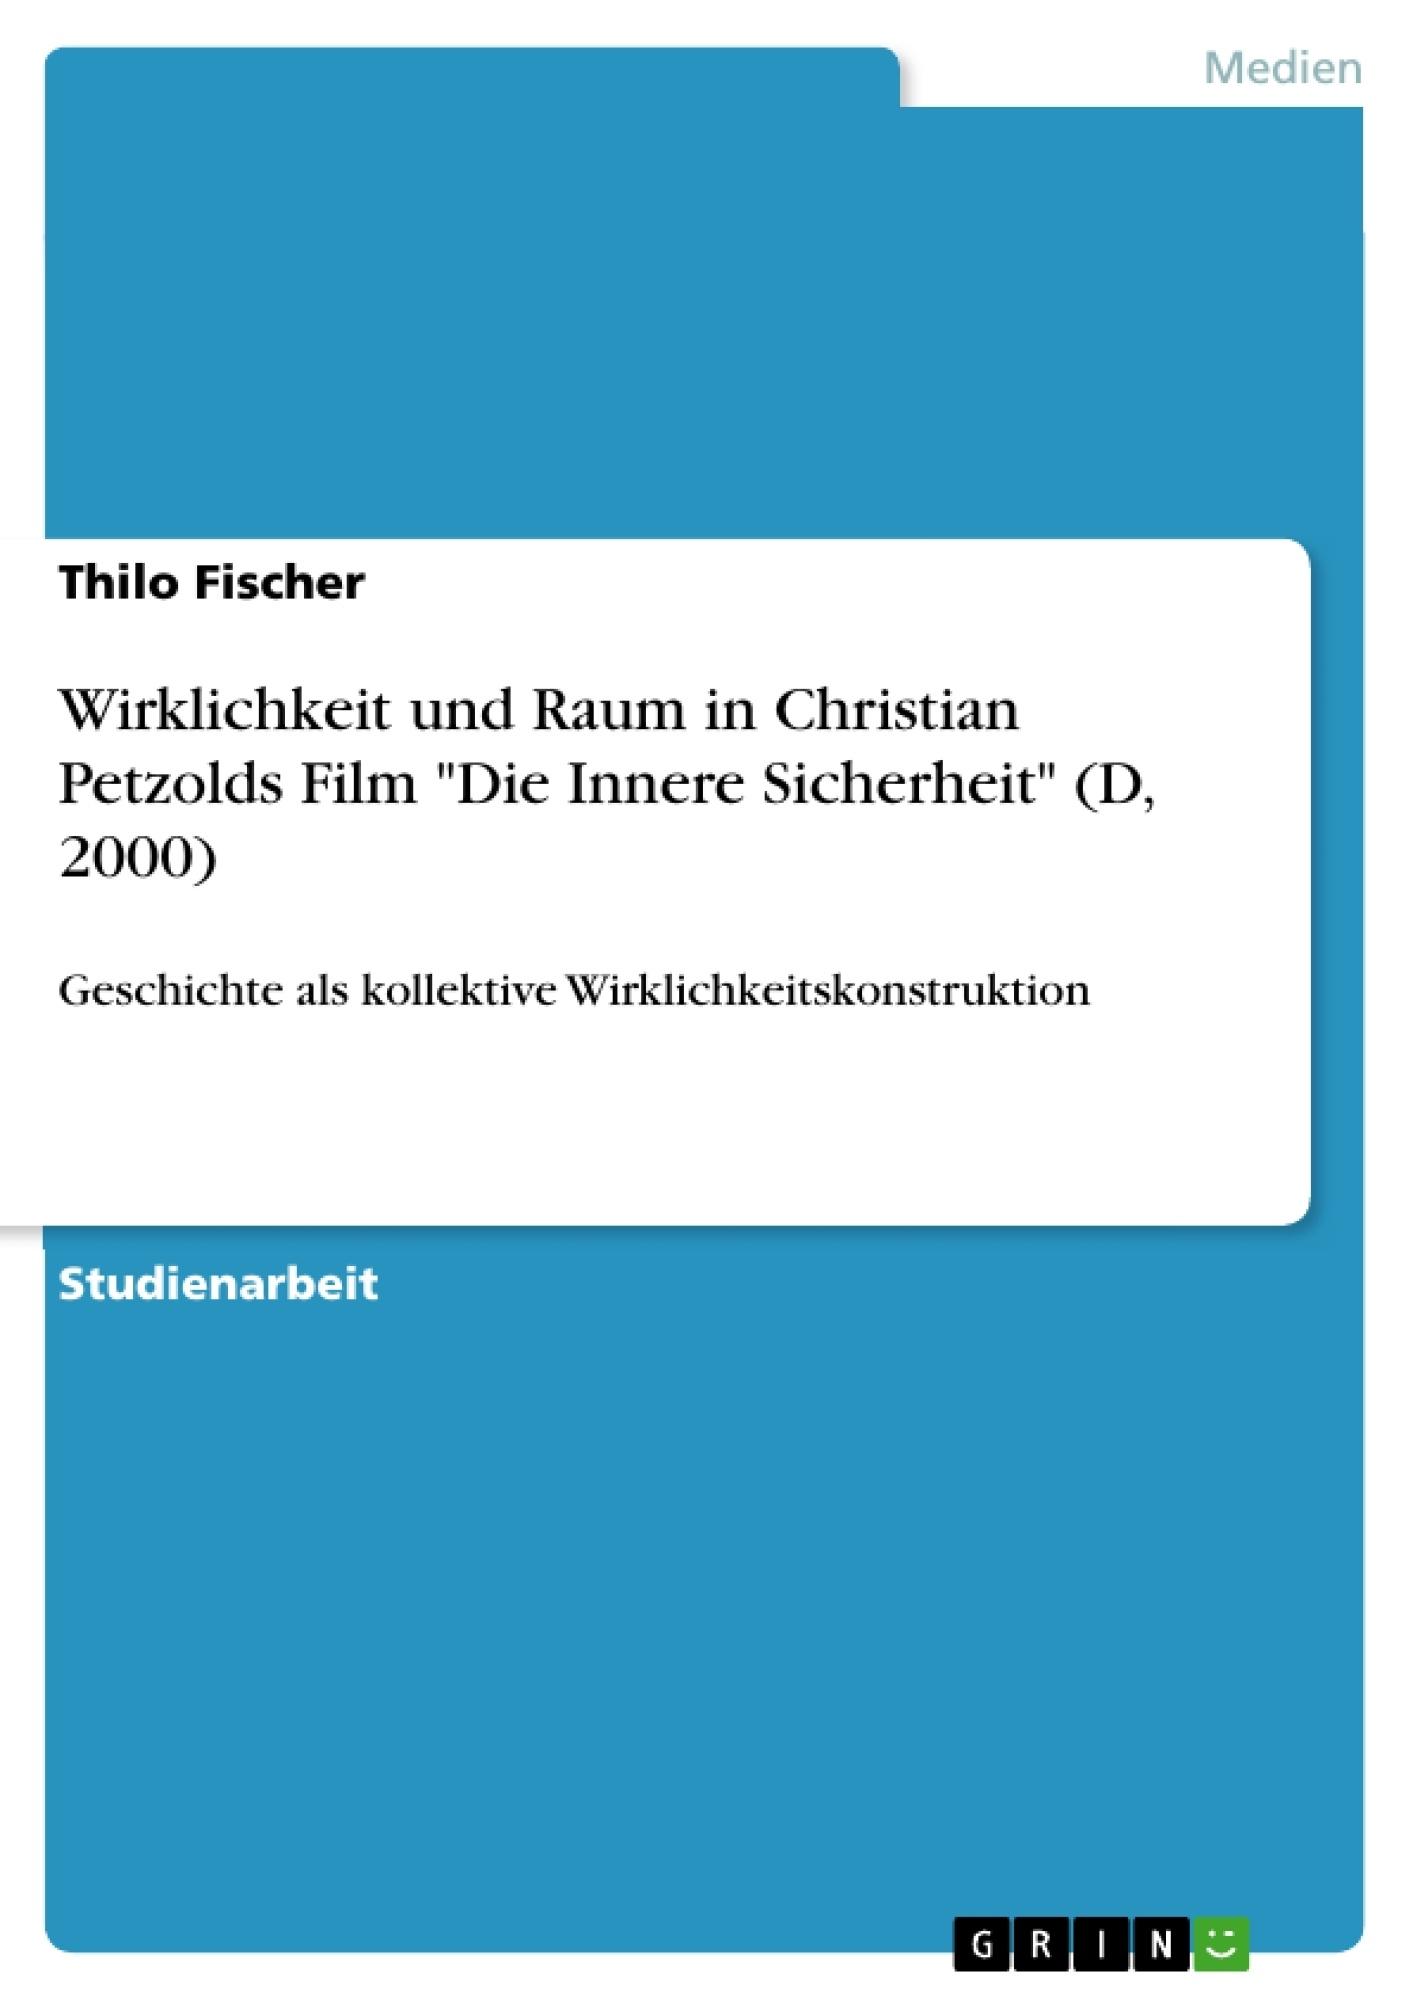 """Titel: Wirklichkeit und Raum in Christian Petzolds Film """"Die Innere Sicherheit"""" (D, 2000)"""